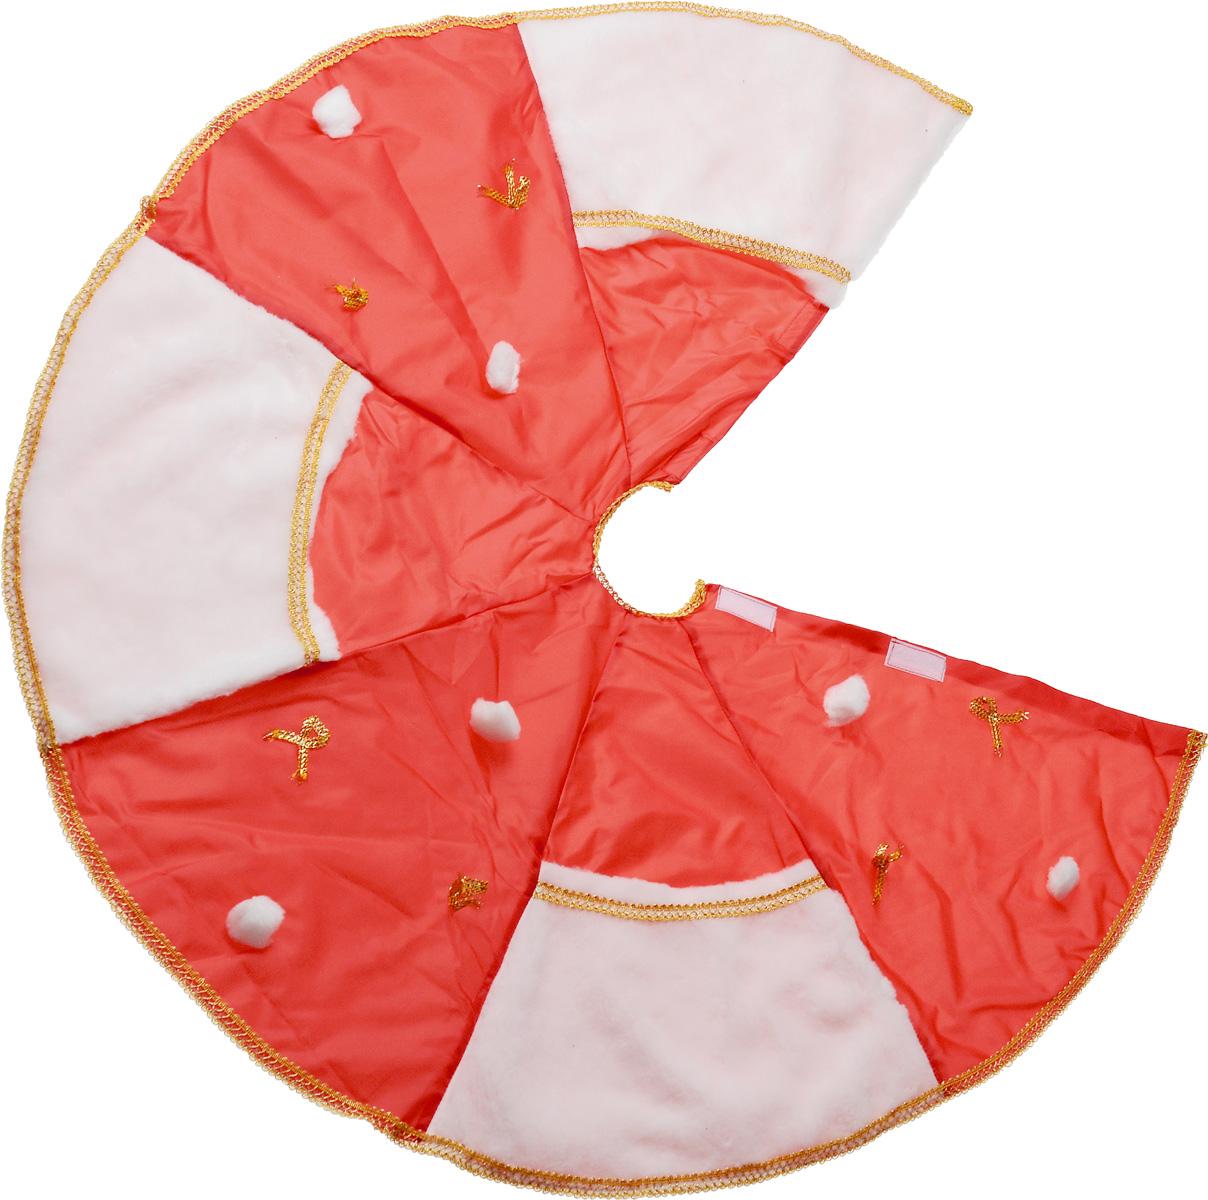 Покрывало под елку Eva, цвет: красный, диаметр 95 смА09_красныйПокрывало Eva, изготовленное из полиэстера и полипропилена, позволит оригинально украсить основание елки, собрать осыпающиеся елочные иголки и, благодаря большим кармашкам, великолепно укроет новогодние подарки. Покрывало фиксируется при помощи липучек. Диаметр покрывала: 95 см.